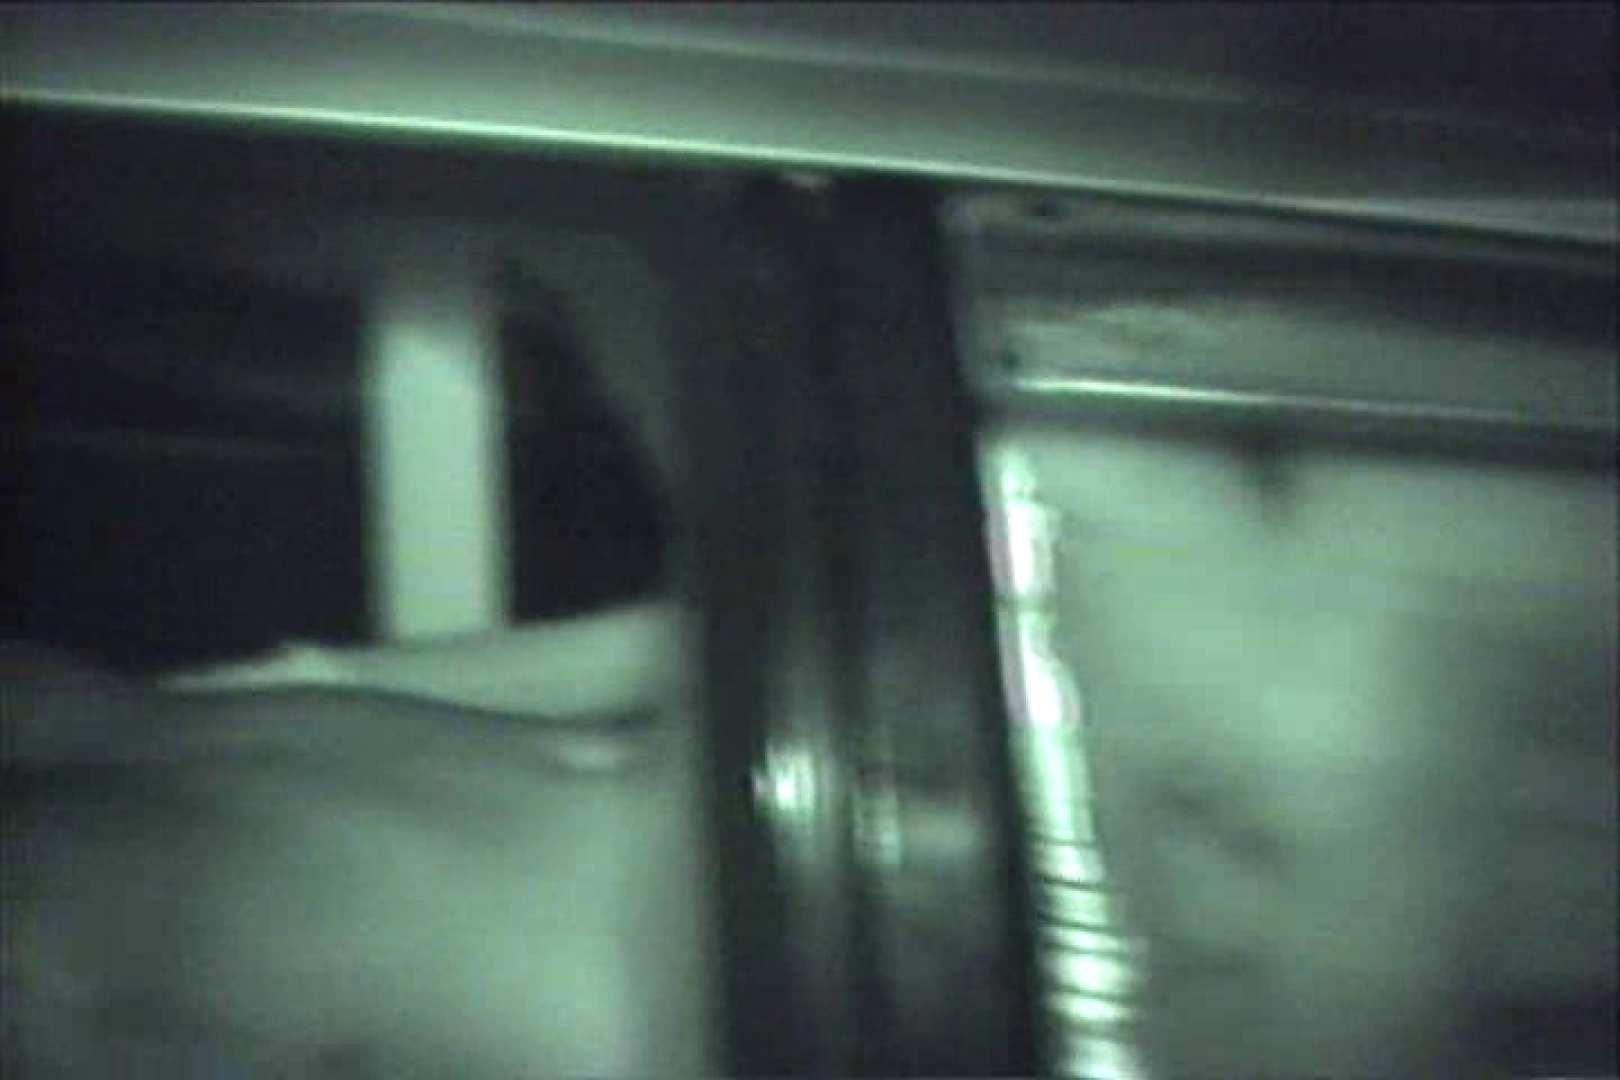 車の中はラブホテル 無修正版  Vol.17 0 | 0  98画像 96